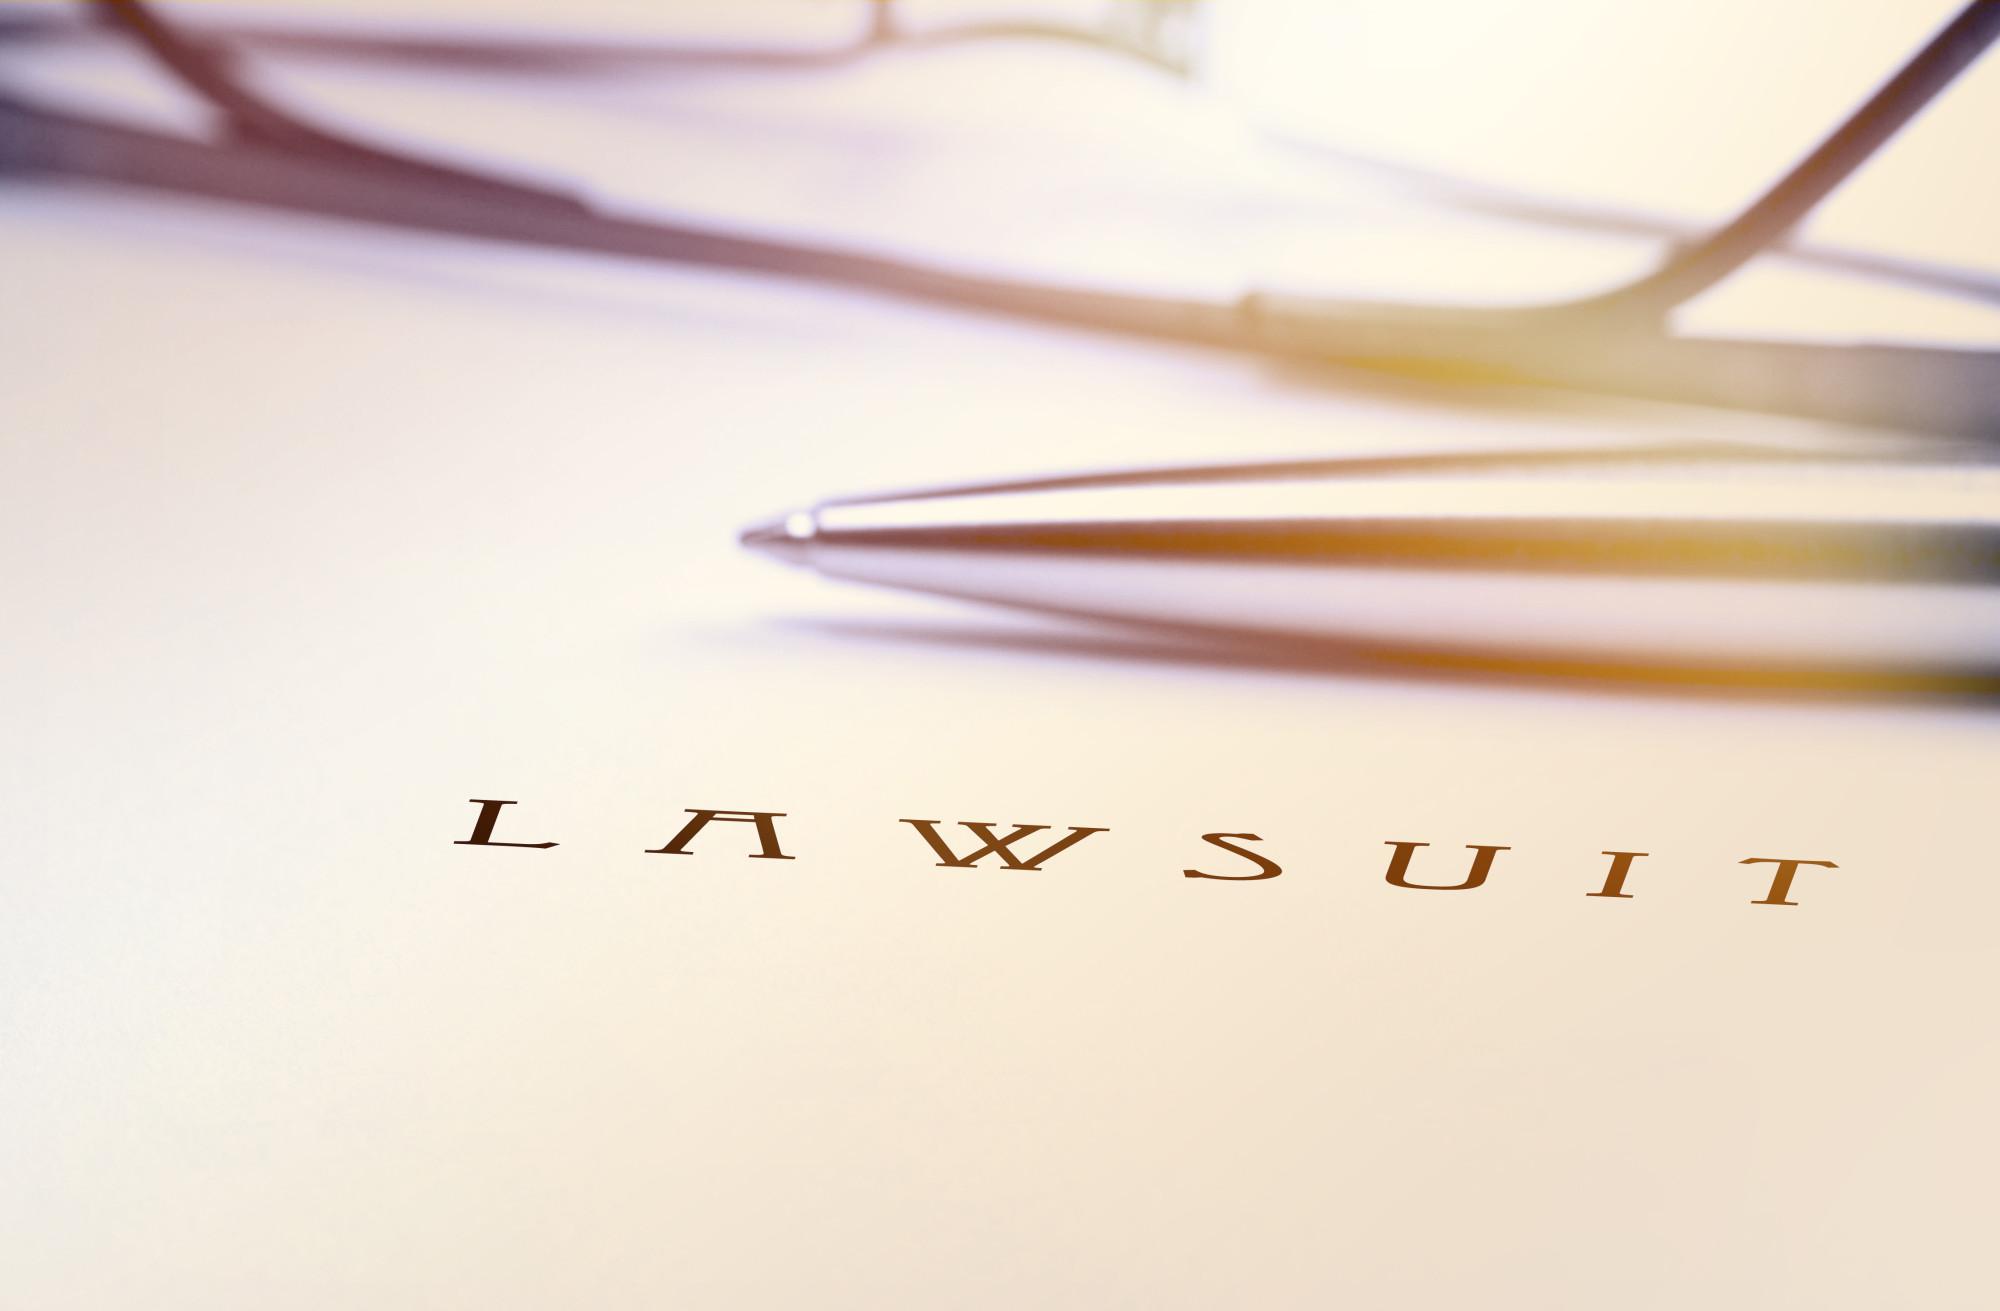 lawsuit loan, settlement loans, lawsuit loans, settlement loan, loans for lawsuit